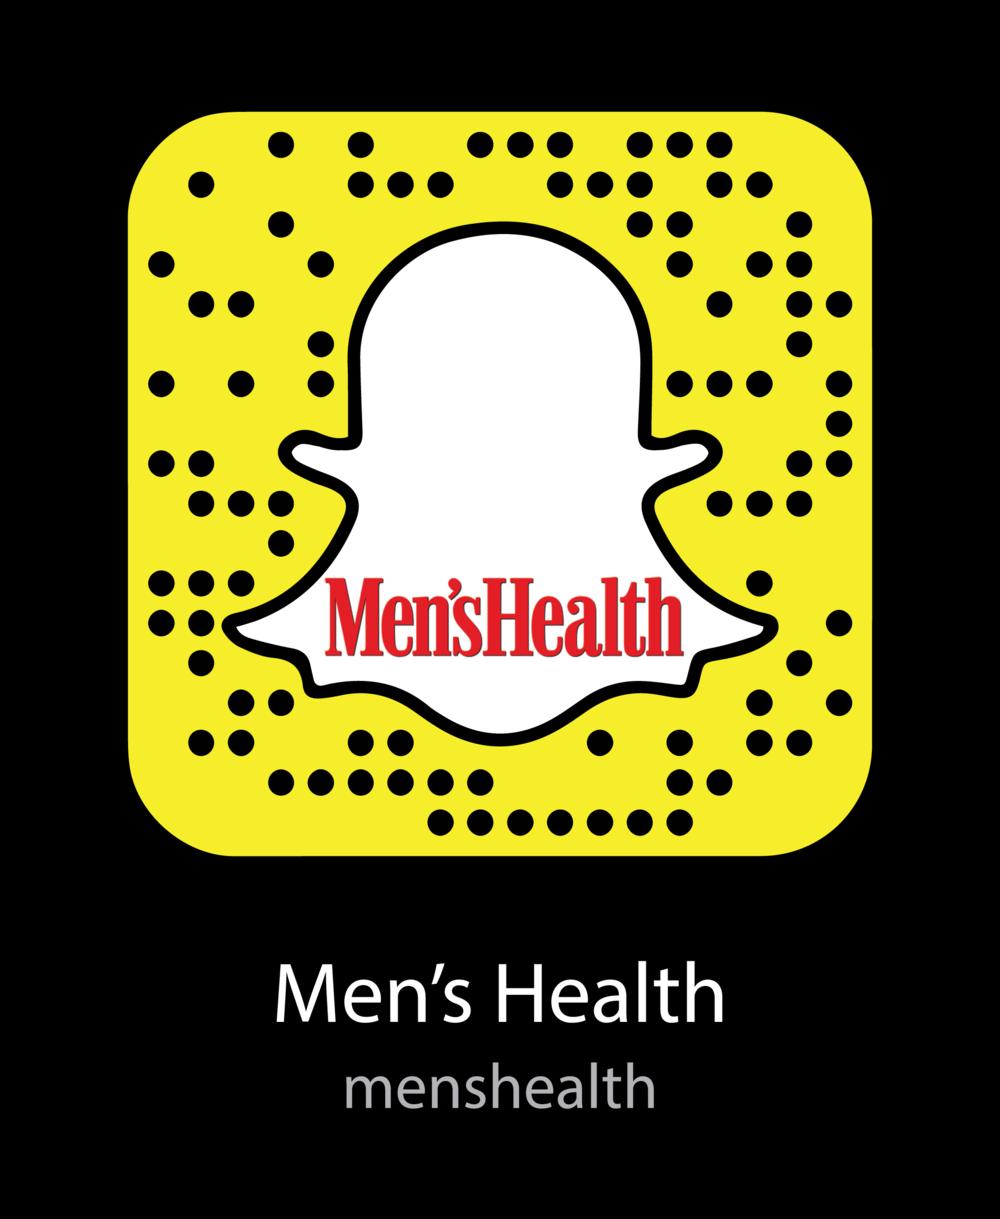 menshealth-Brands-snapchat-snapcode.png